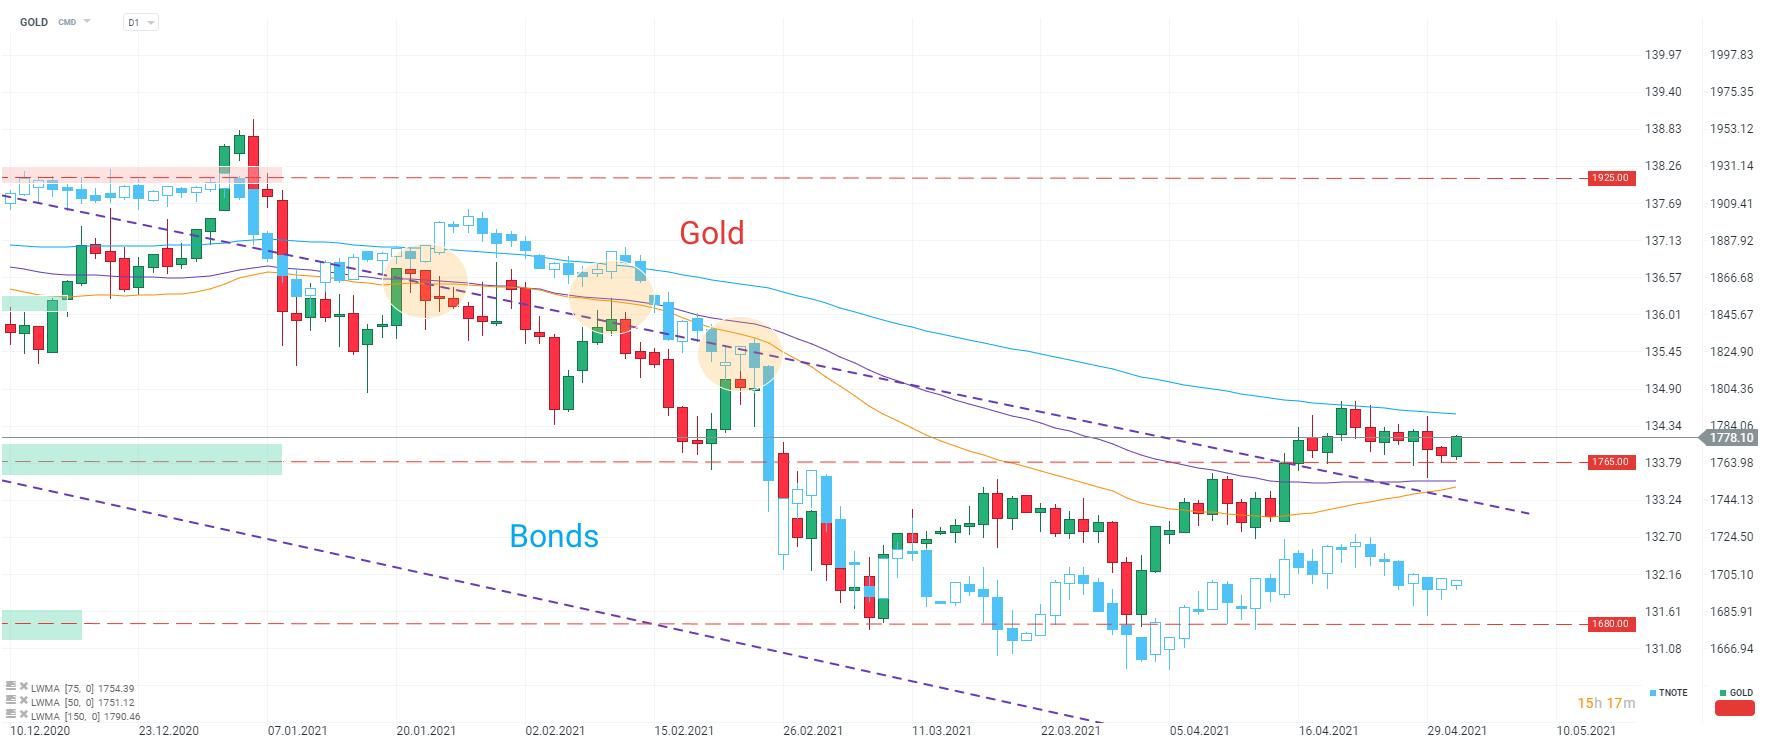 Quaisquer receios em torno dainflação devem se refletir na evolução das yields e isso será importante para o ouro.